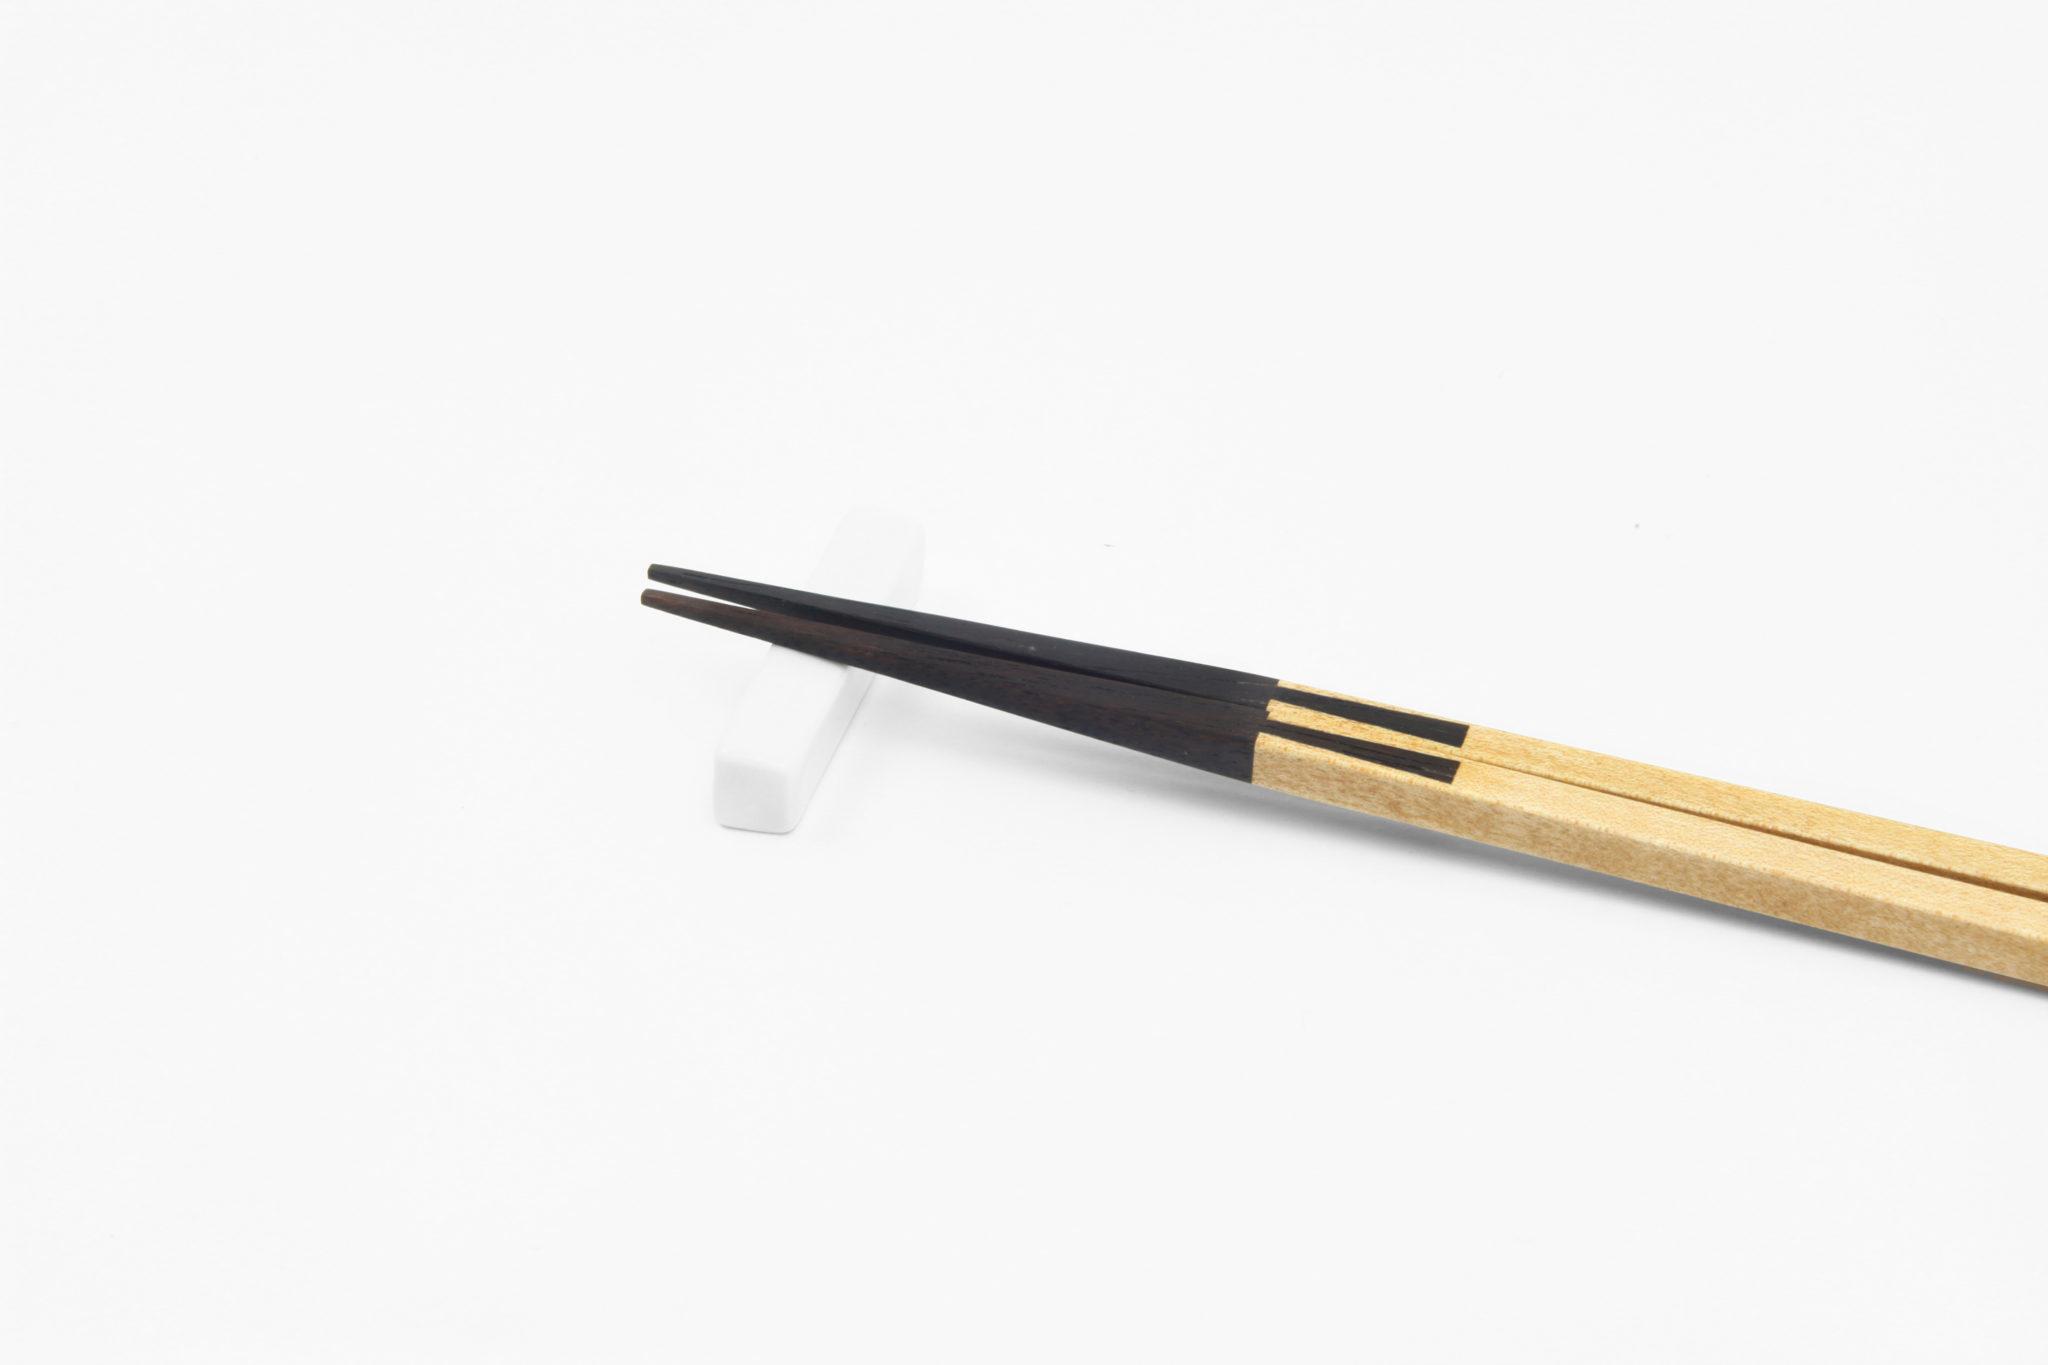 Joint Chopsticks